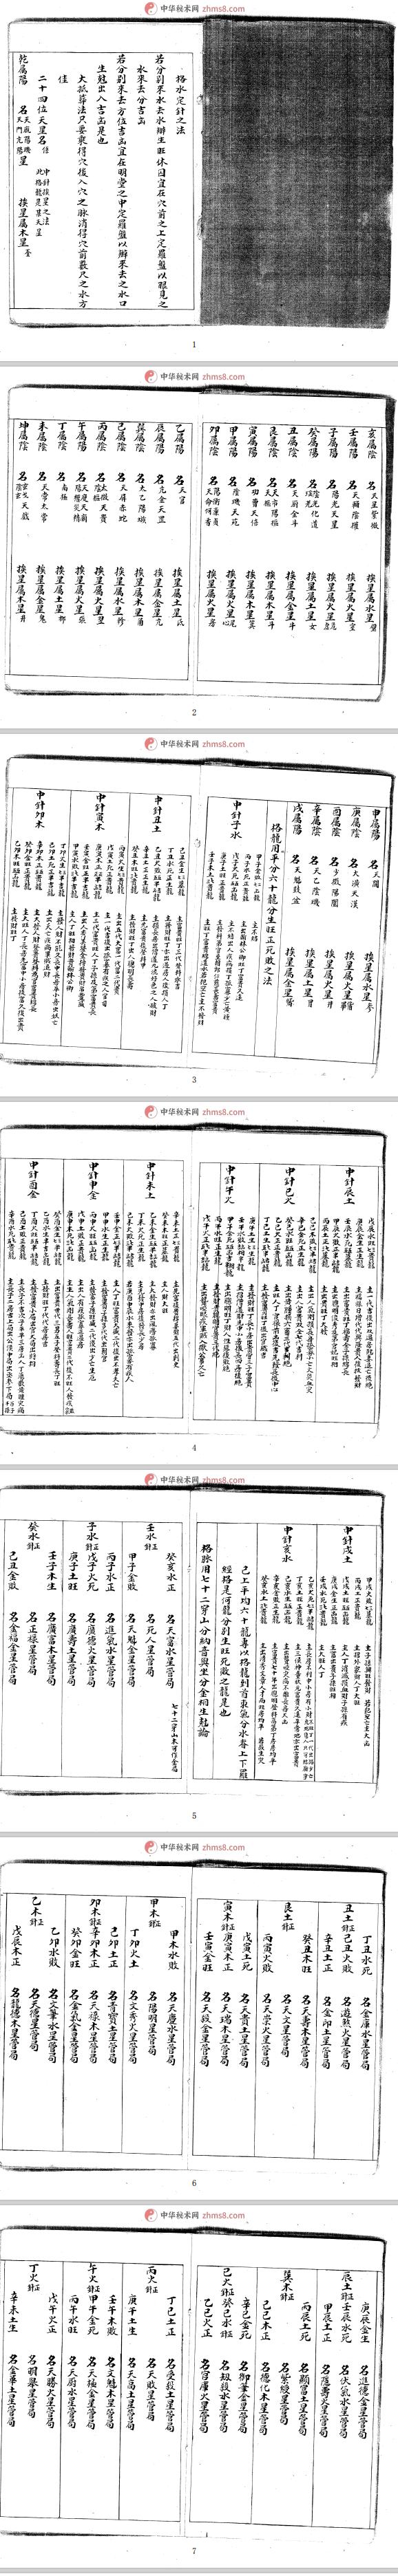 《格水定针之法》手抄本pdf下载